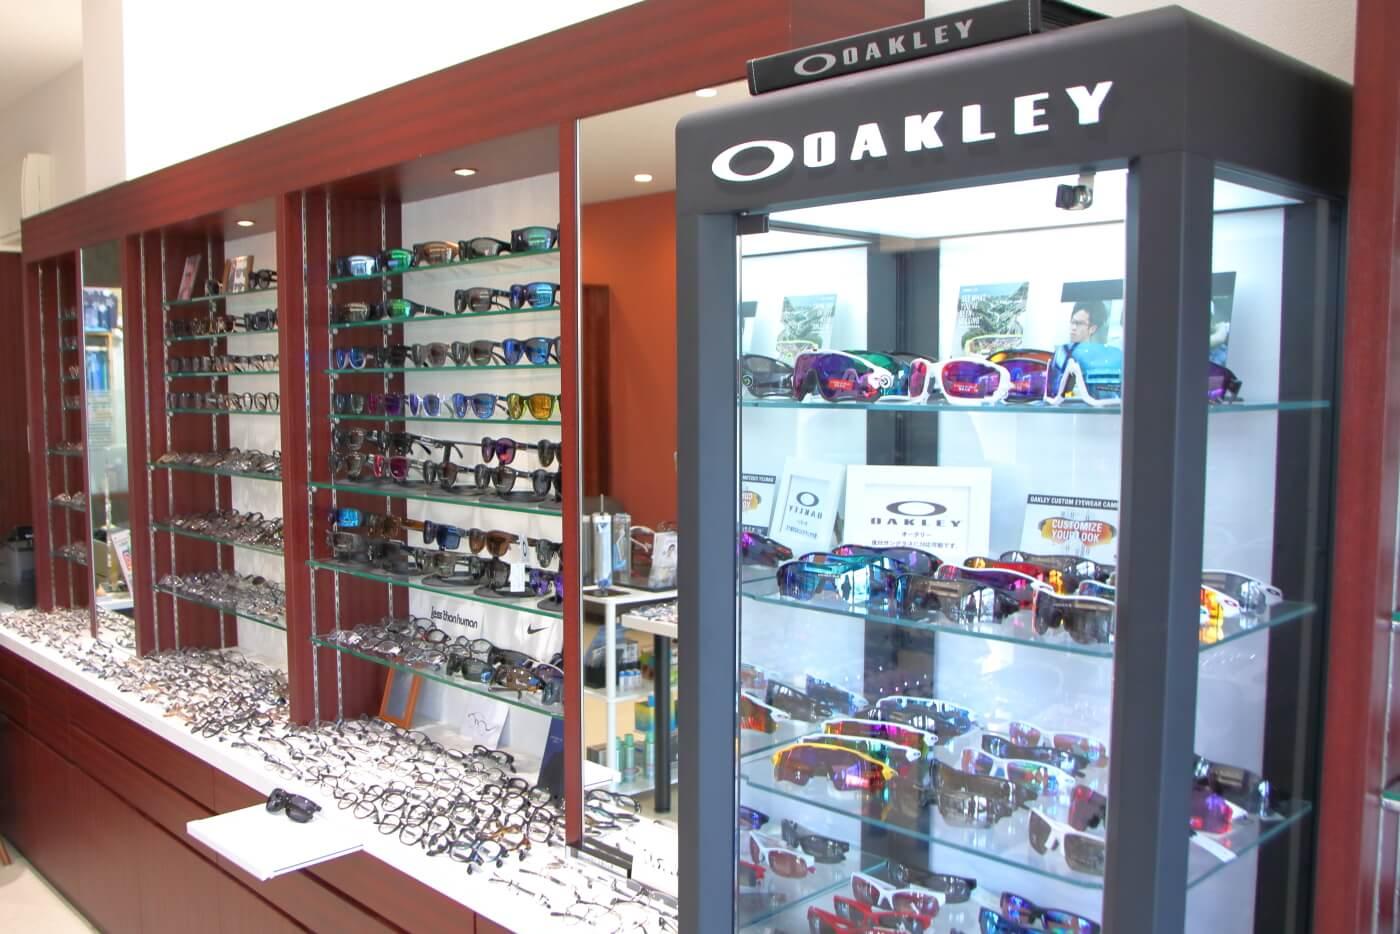 高知市上町の眼鏡店ミナミメガネの店内に陳列されたオークリーのサングラス